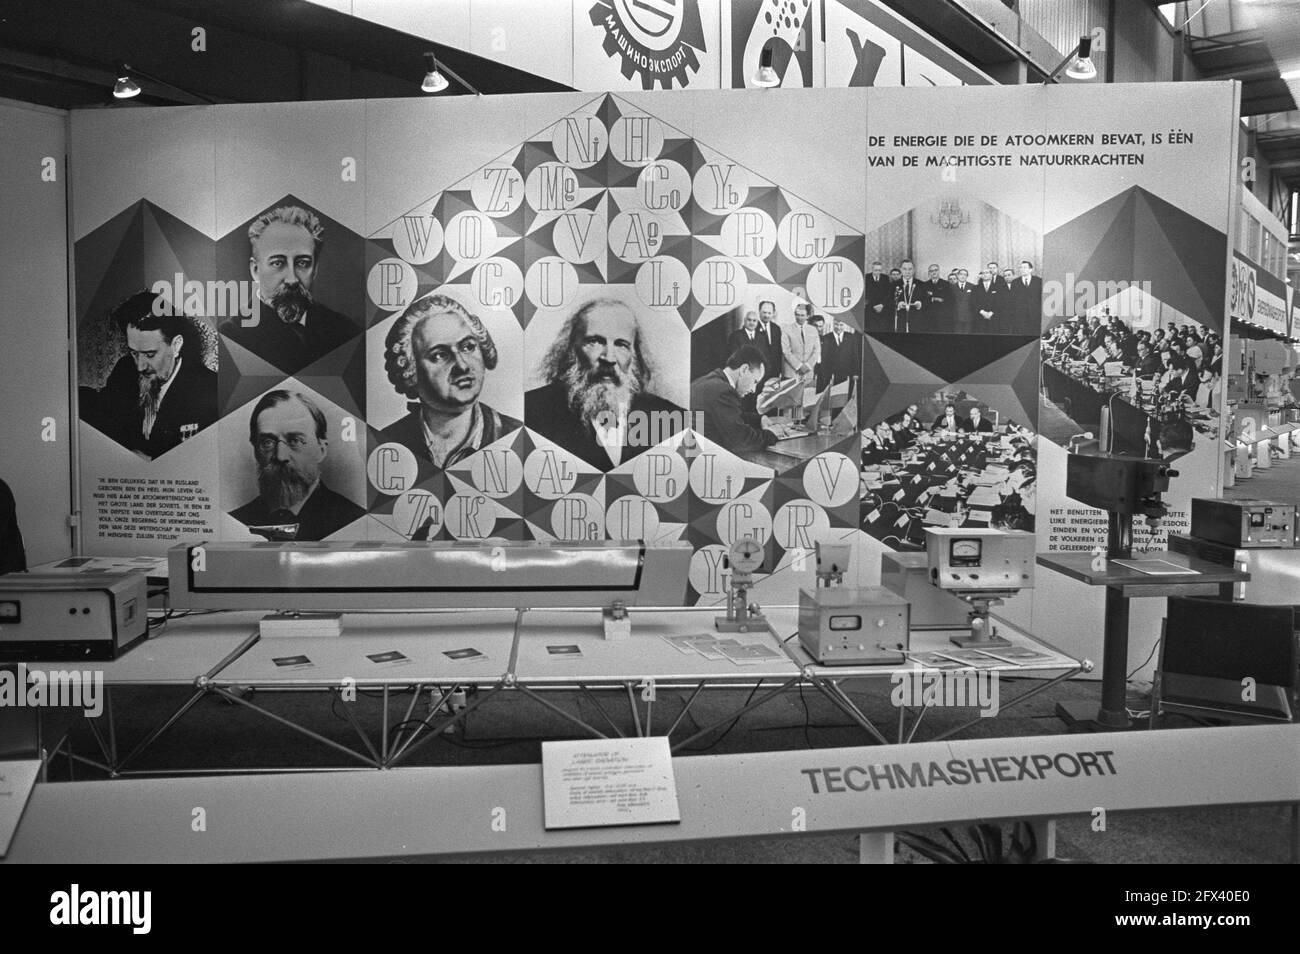 Presentación de la tecnología (atómica) rusa, 24 de mayo de 1972, ferias comerciales, economía, Comercio, relaciones internacionales, energía nuclear, retratos, Países Bajos, 20th siglo agencia de prensa foto, noticias para recordar, documental, fotografía histórica 1945-1990, historias visuales, Historia humana del siglo XX, capturando momentos en el tiempo Foto de stock